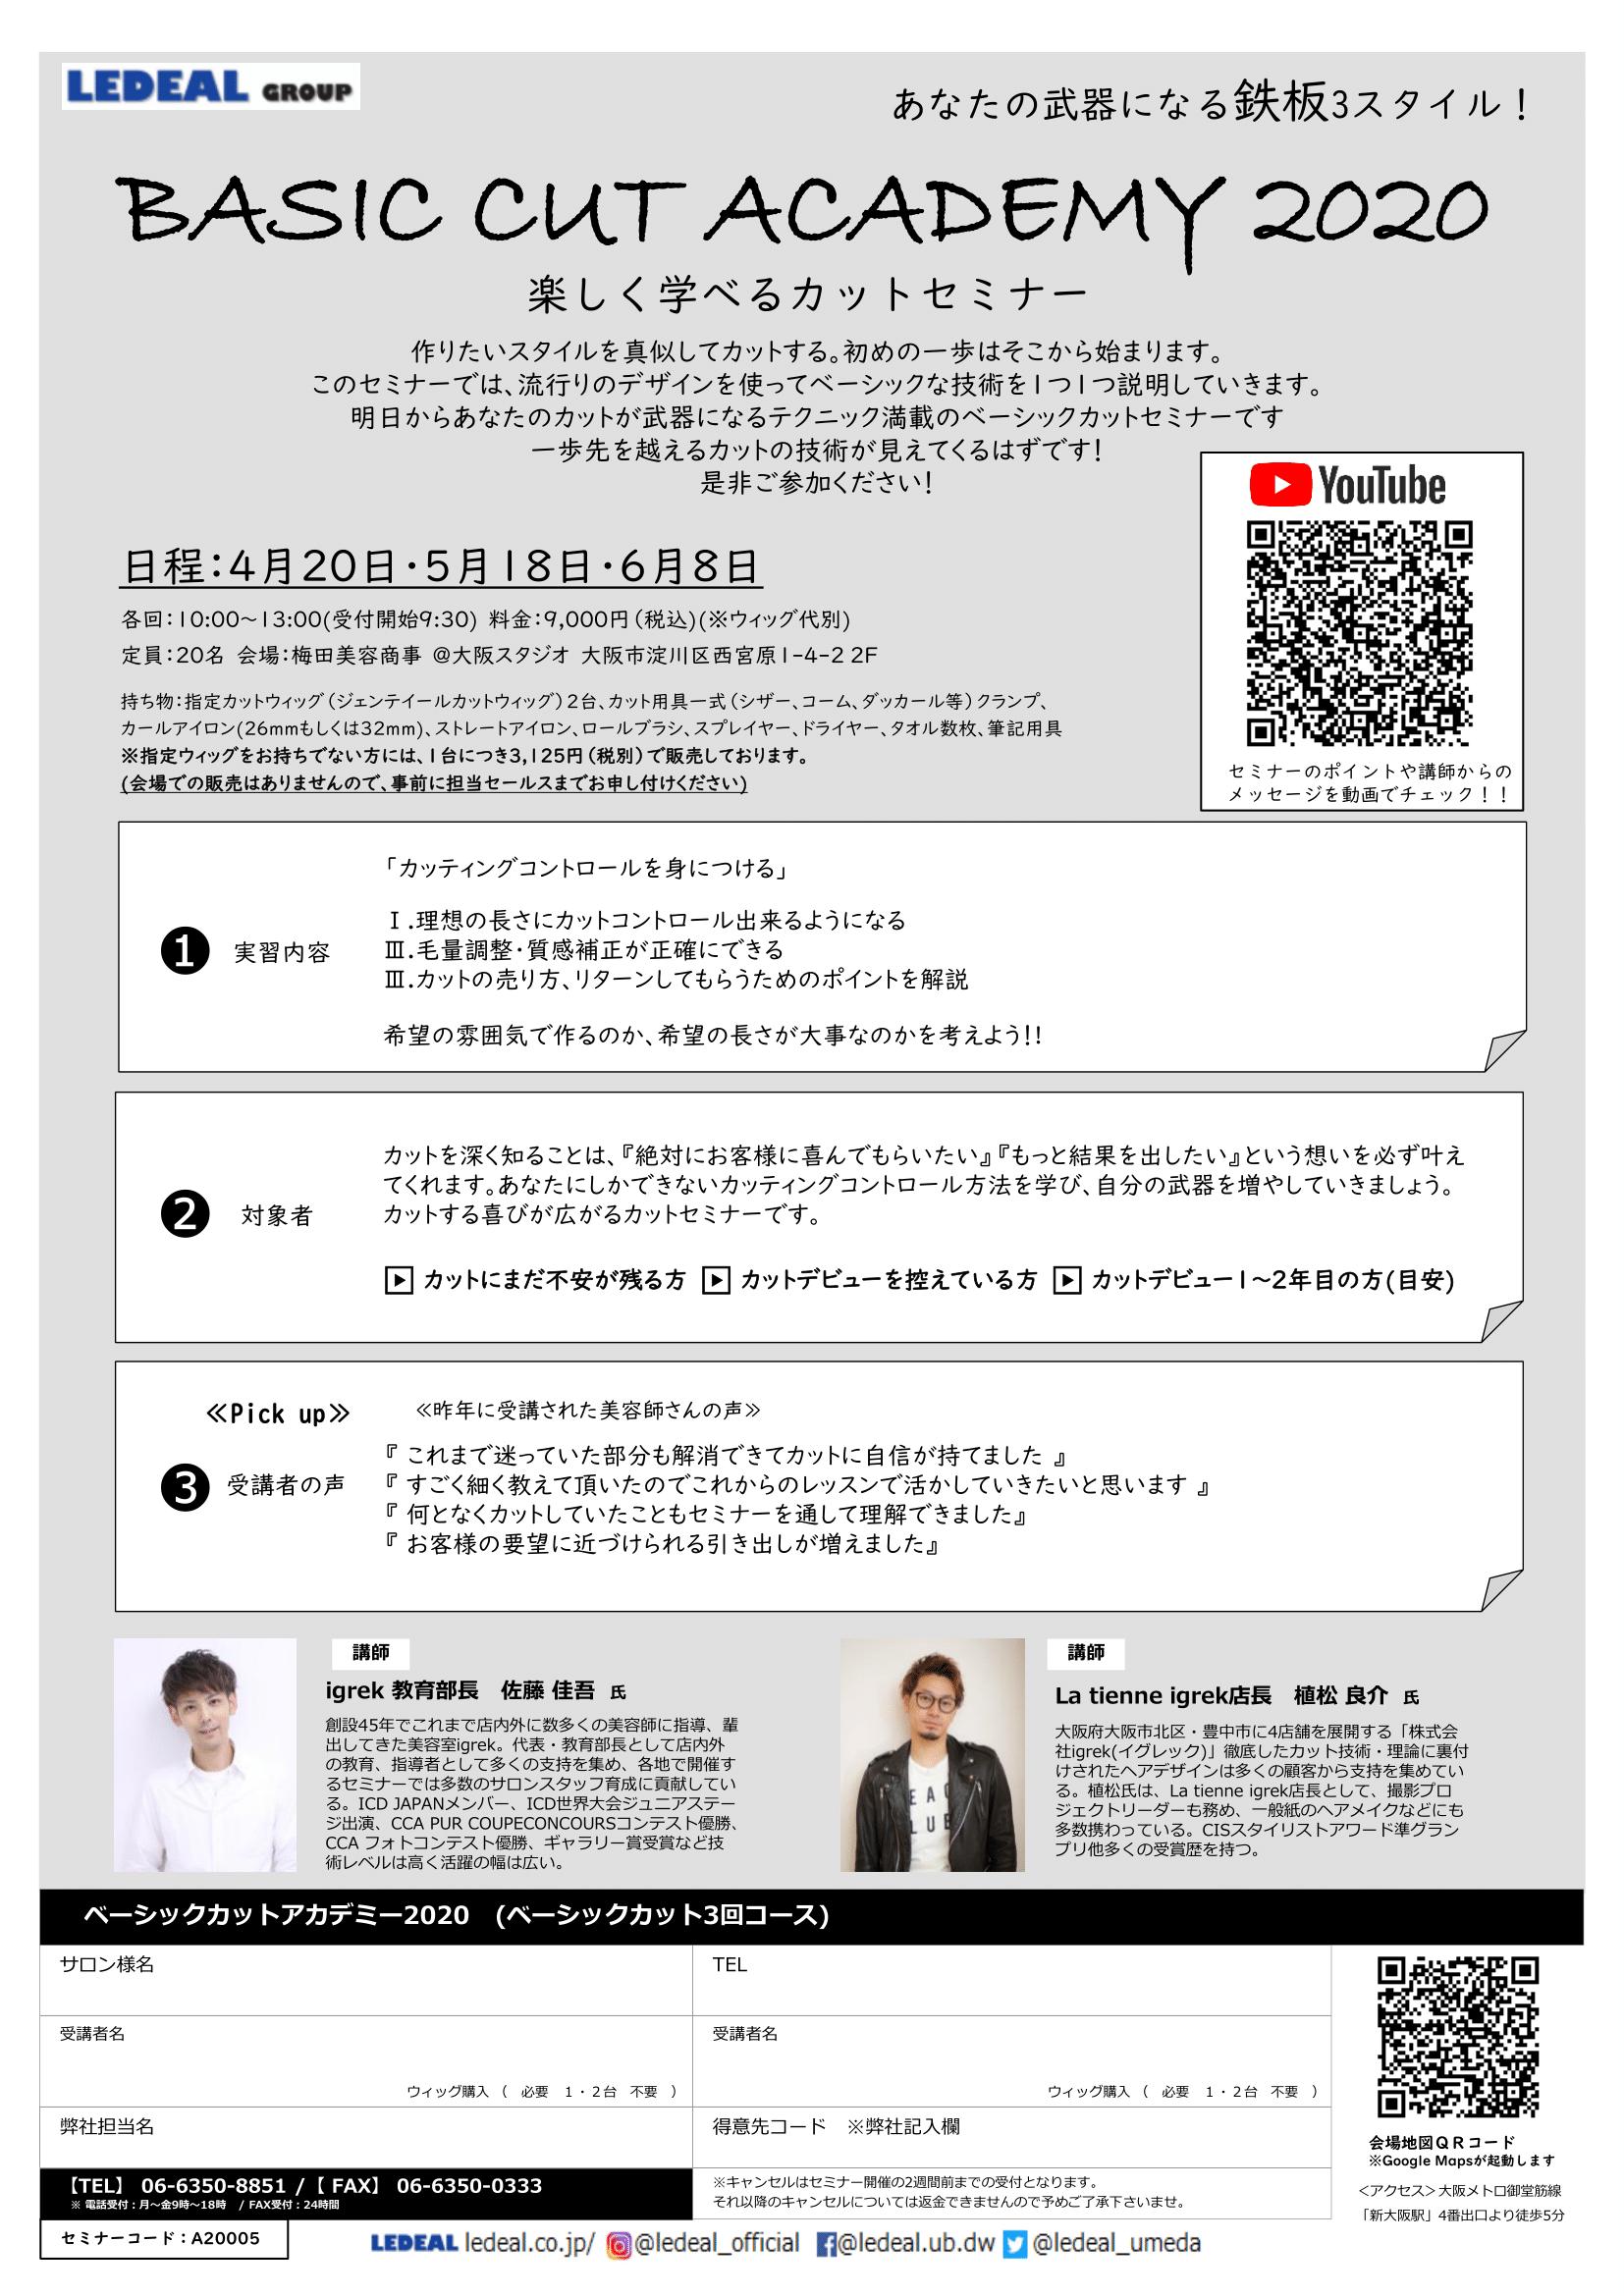 【大阪】BASIC CUT ACADEMY 2020(3回コース)